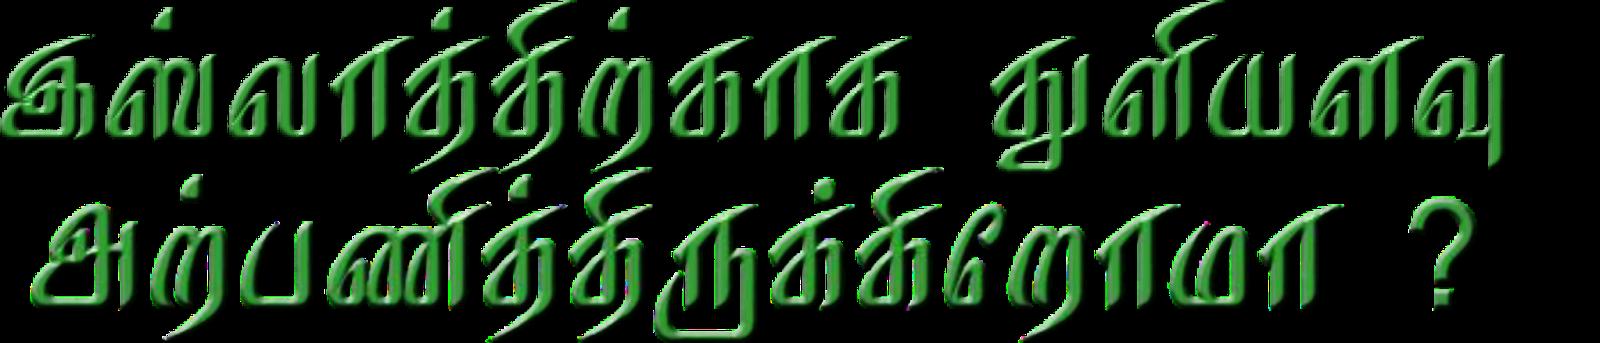 உணர்ச்சி வசப்படும் சமுதாயமாகி விட்டோமா?